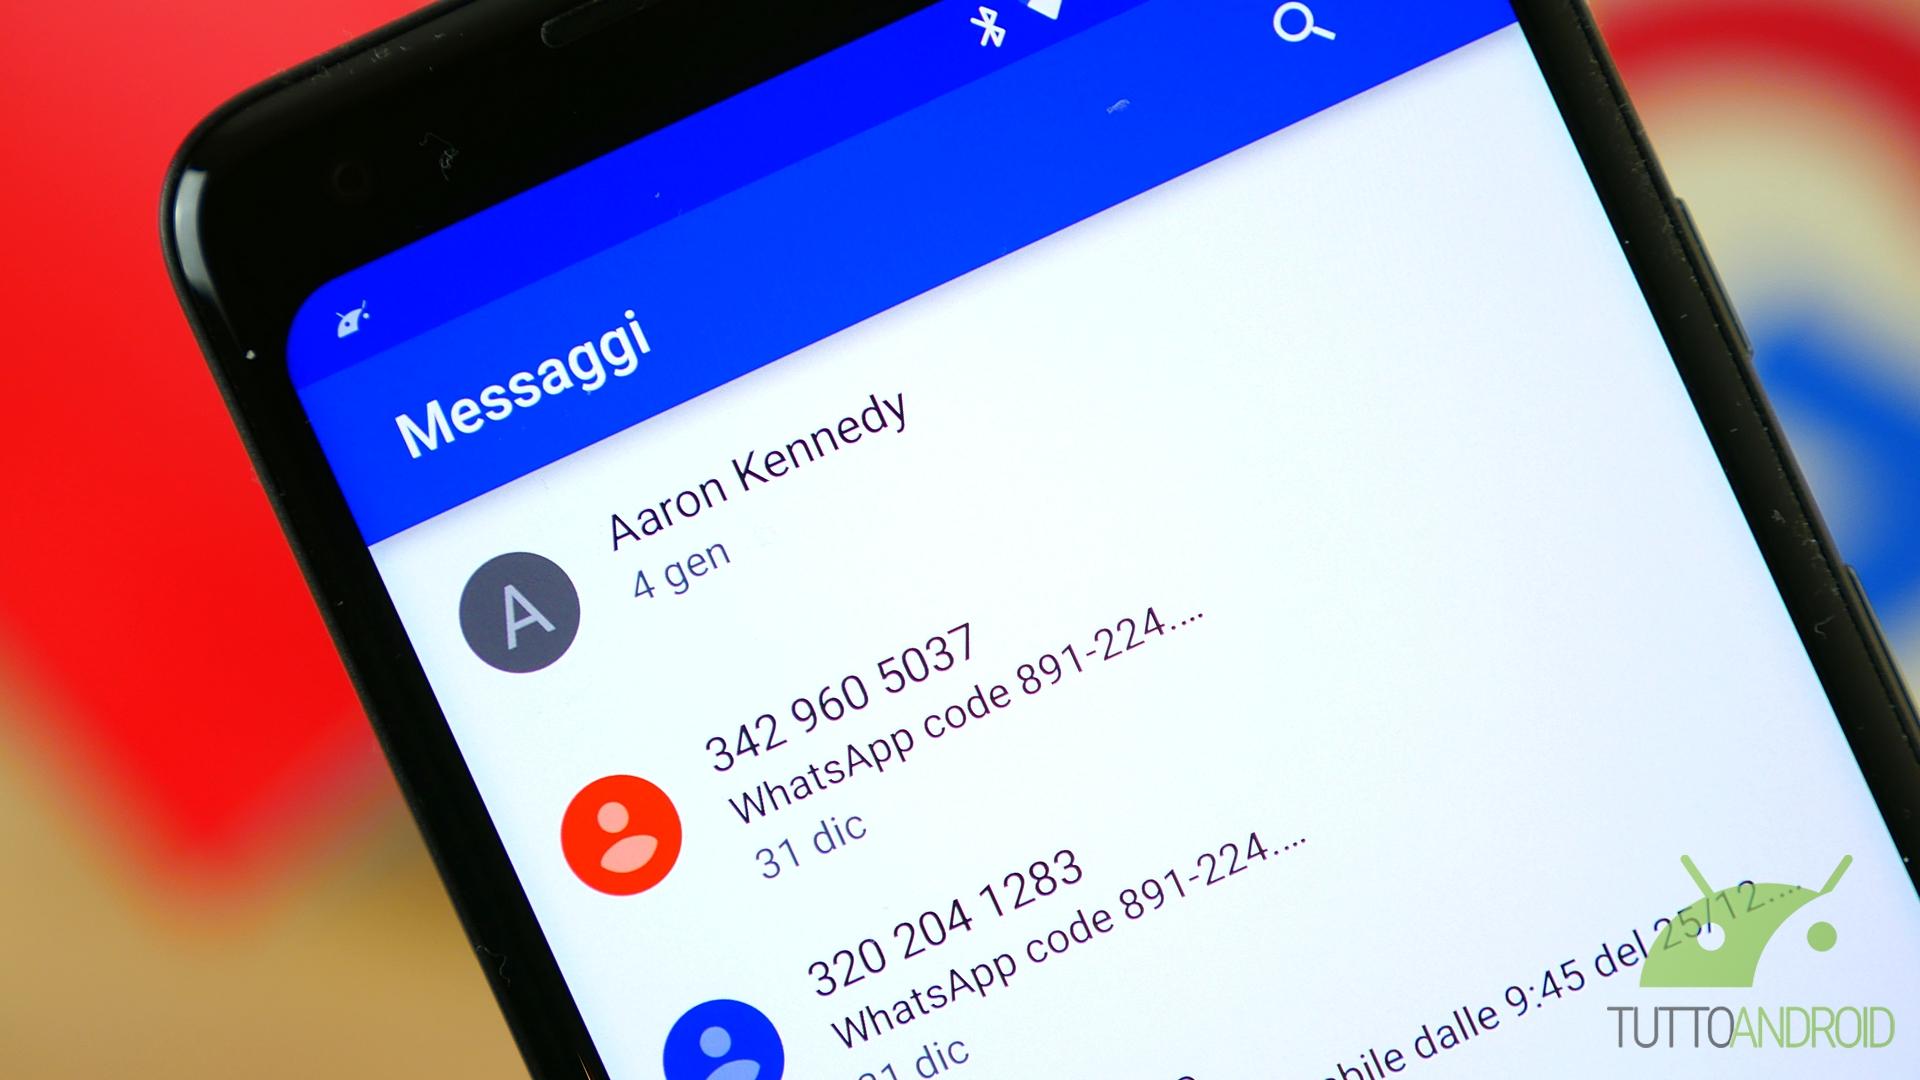 Google sempre carica: pronte nuove funzioni per Gmail e Messaggi